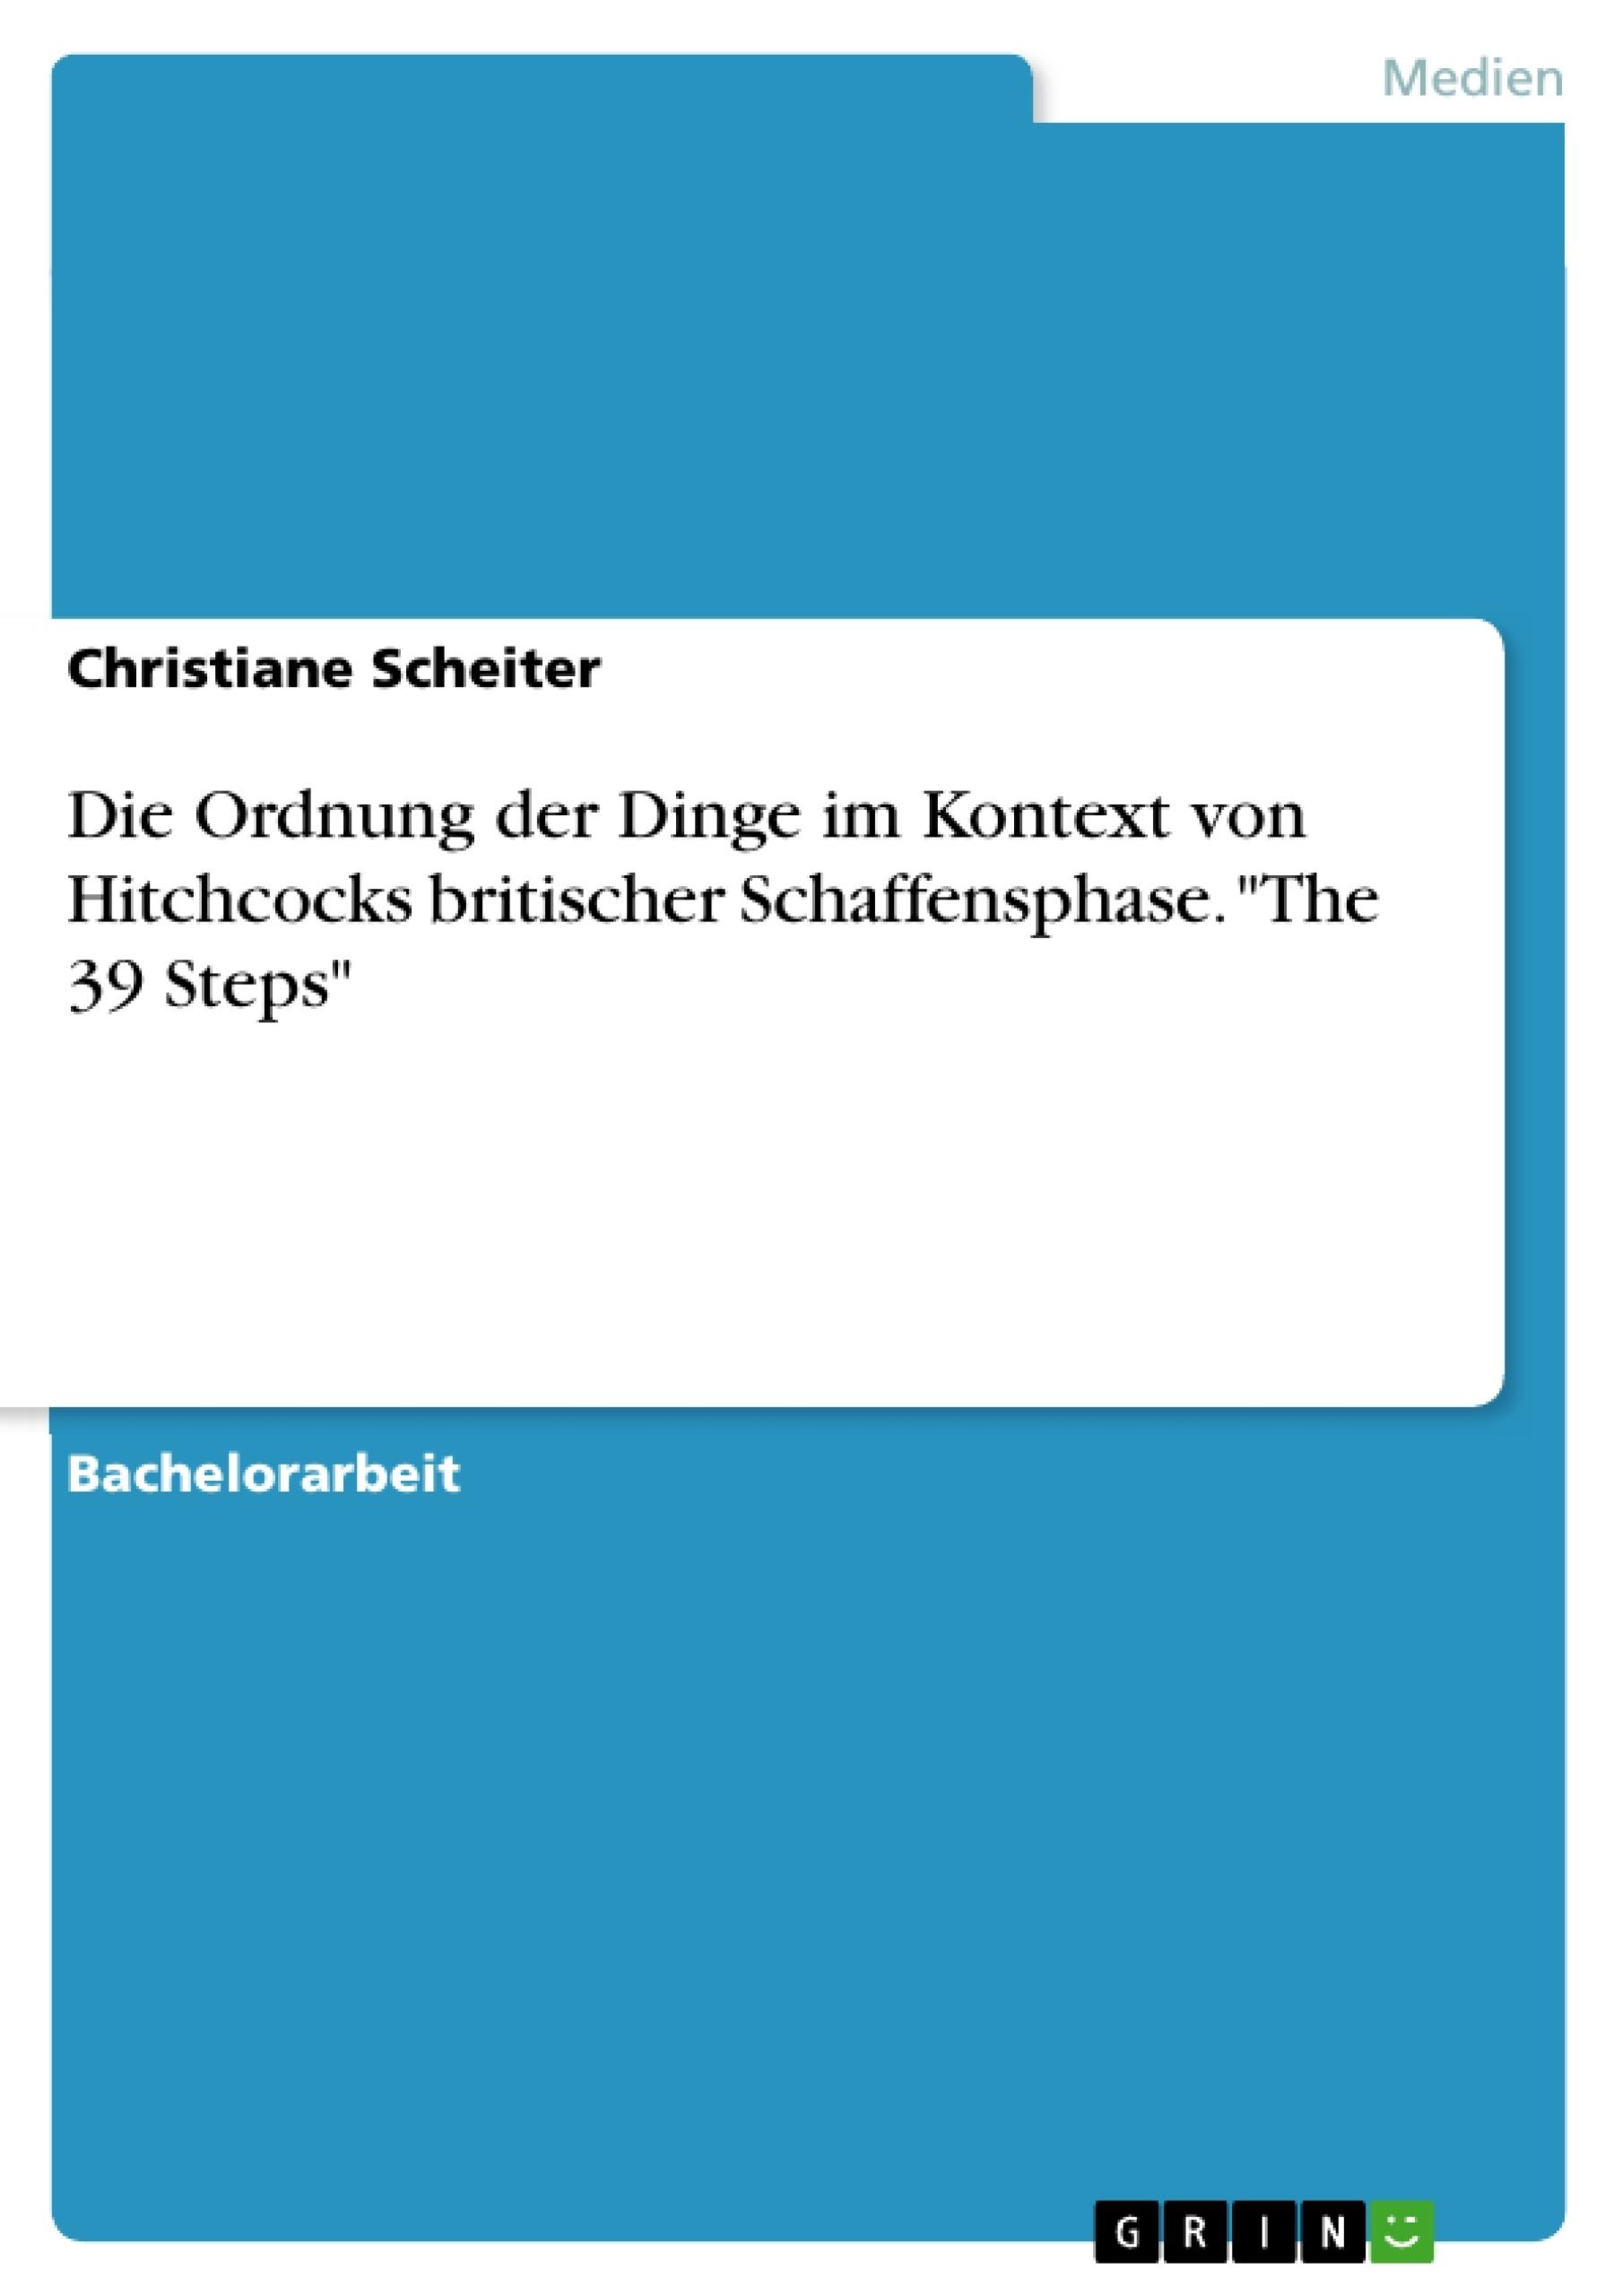 """Titel: Die Ordnung der Dinge im Kontext von Hitchcocks britischer Schaffensphase. """"The 39 Steps"""""""